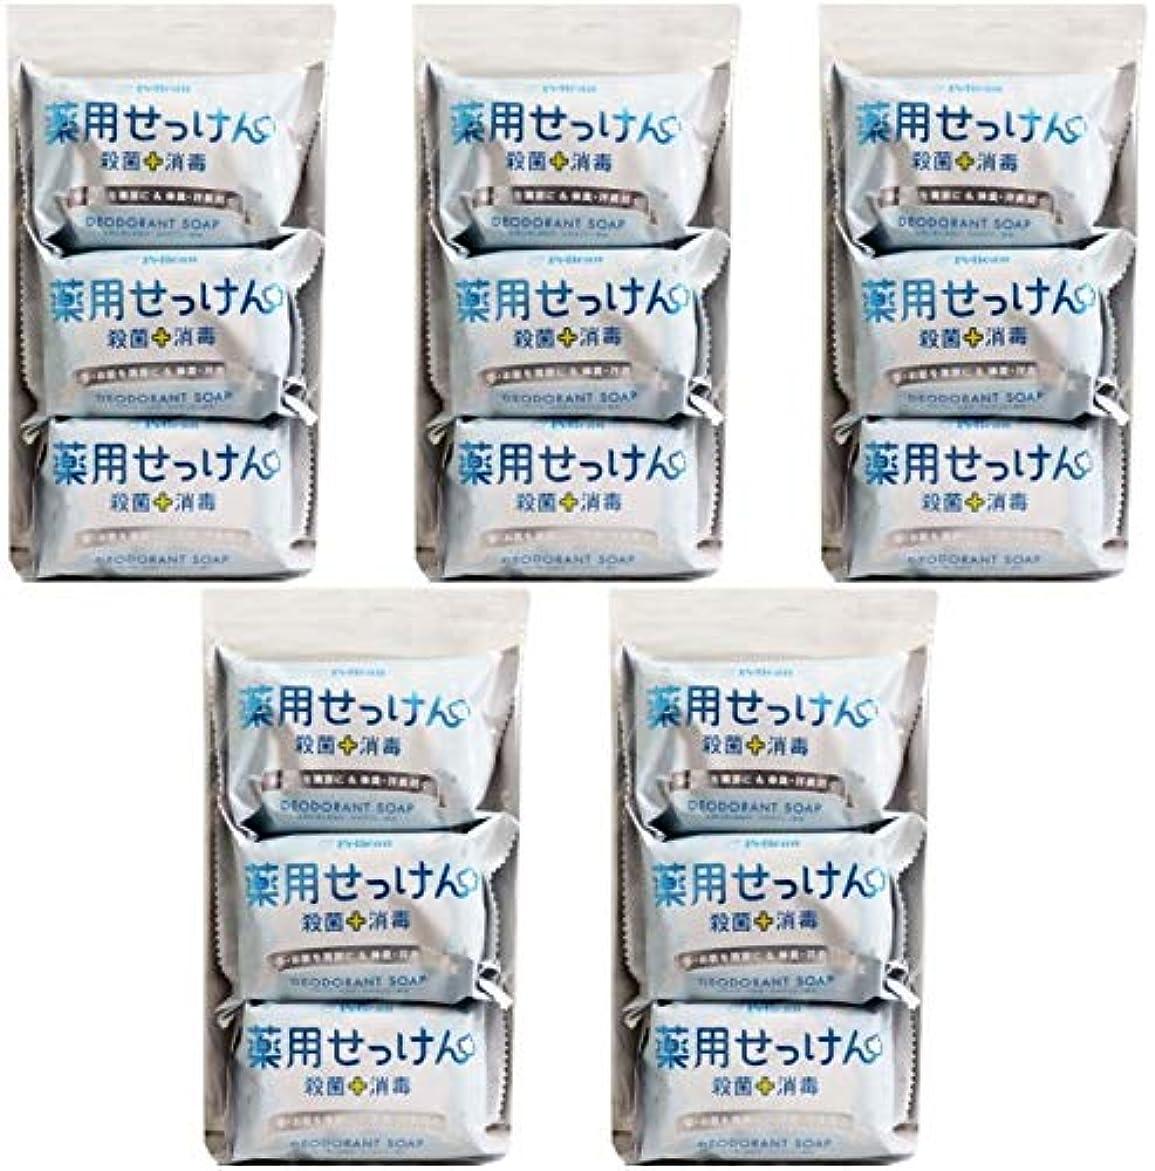 フェローシップ処方する欲求不満【まとめ買い】ペリカン石鹸 薬用せっけん 85g×3個【×5個】